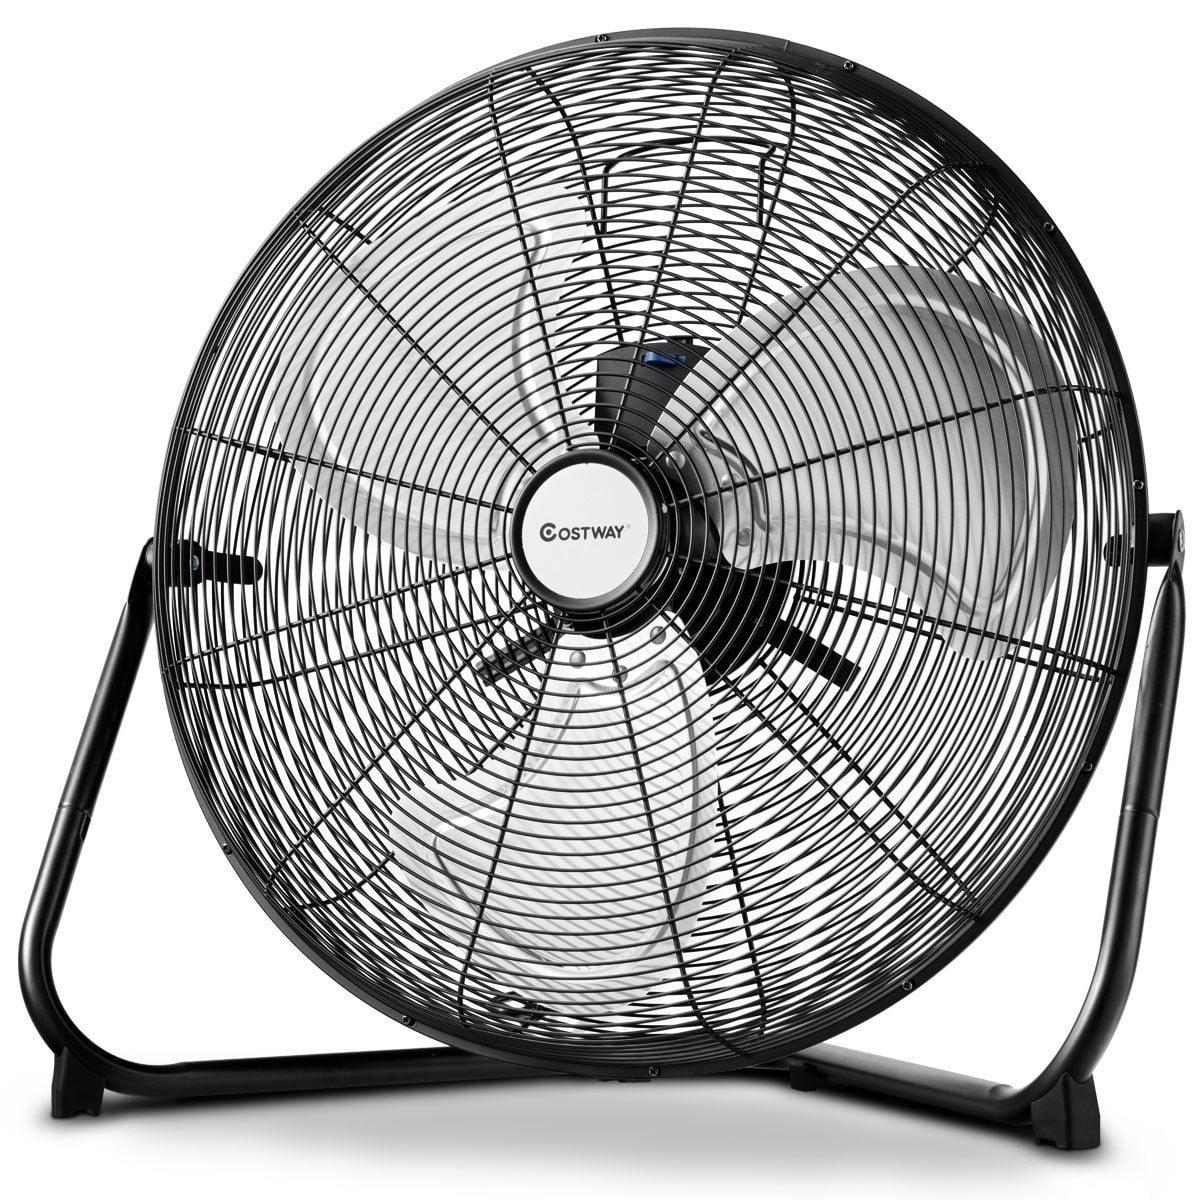 costway 20 high velocity fan commercial industrial grade 3 speed floor fan 360 degree walmart com